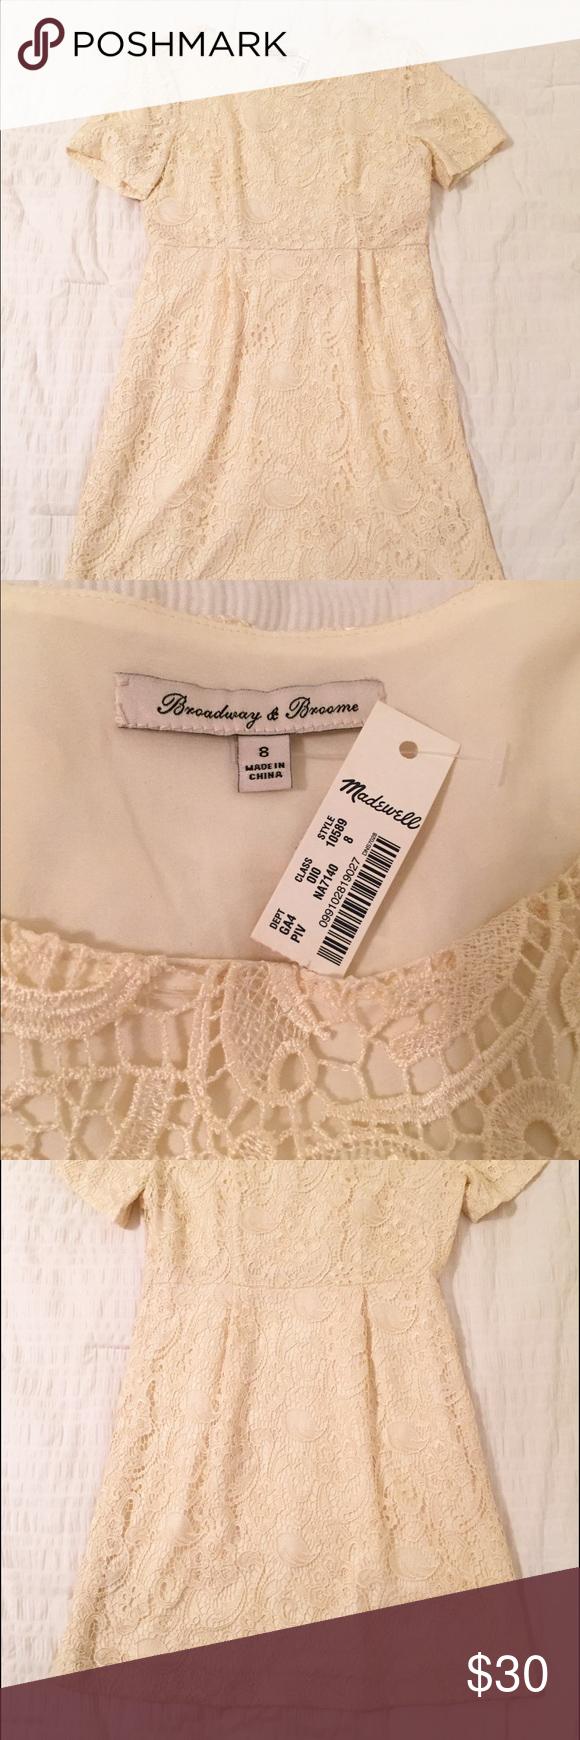 Madewell Lace Dress NWT Madewell Ivory lace dress NWT. Size 6. Madewell Dresses